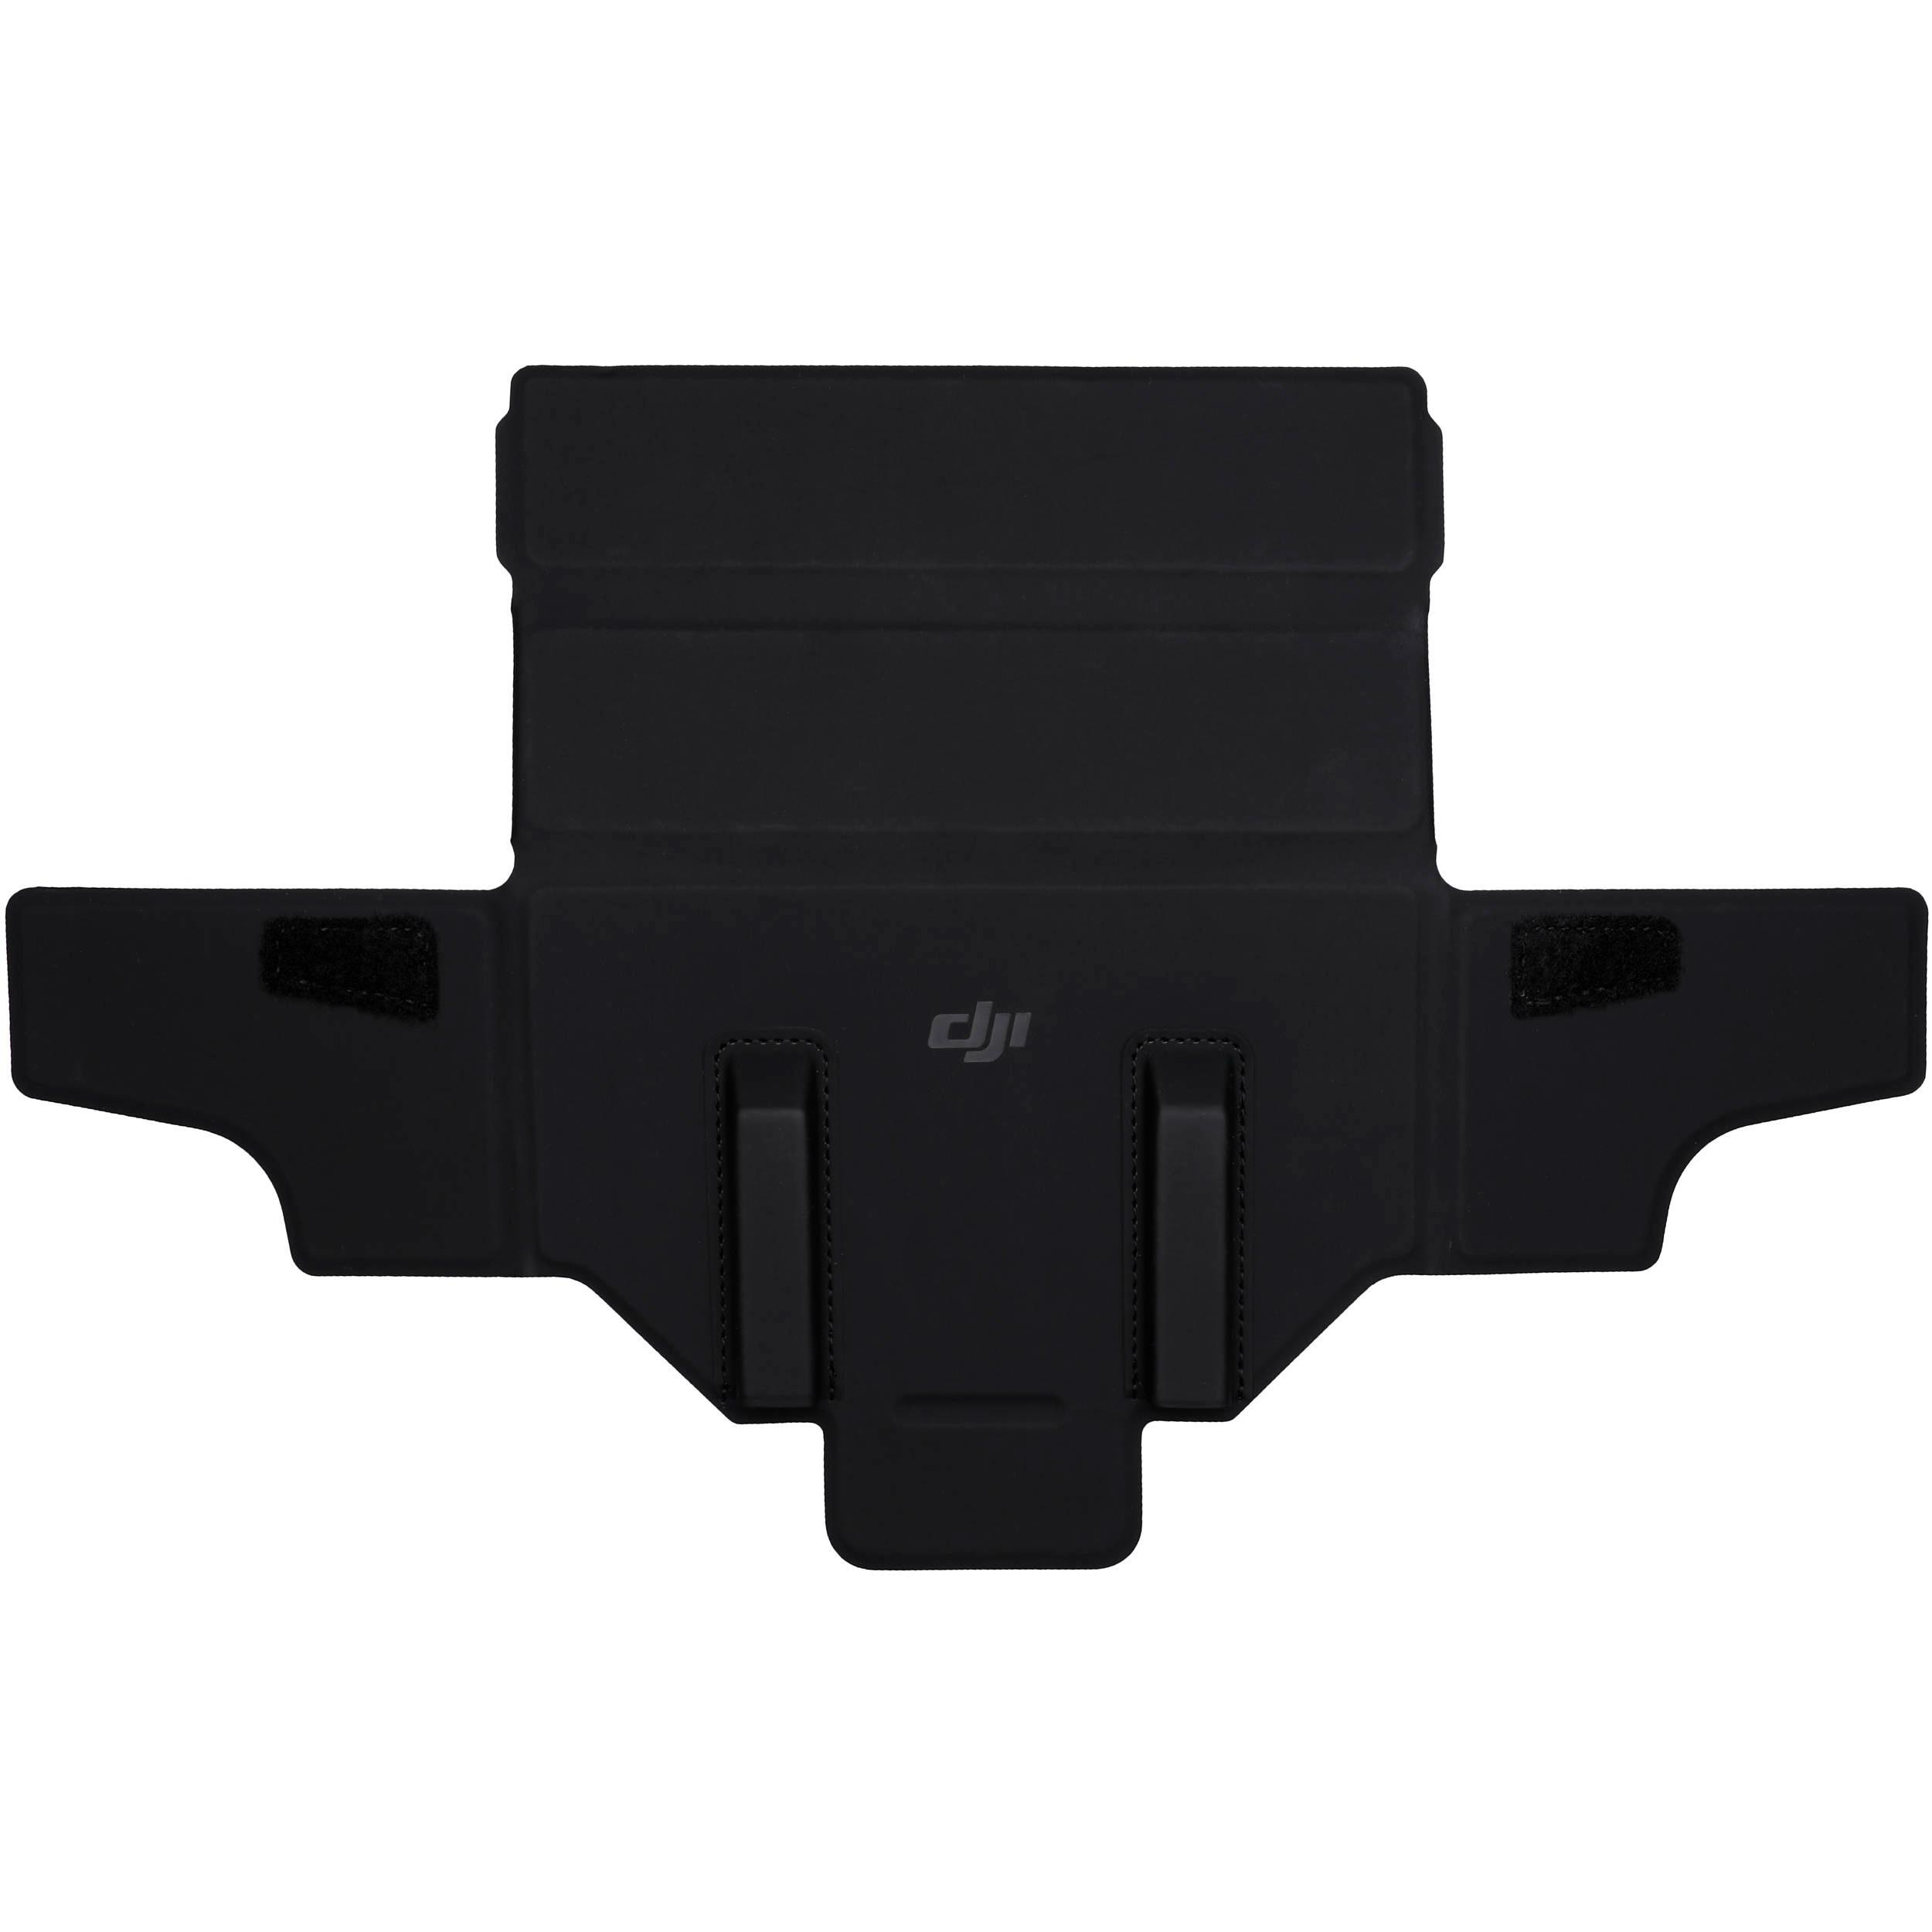 Солнцезащитный козырек для Mavic Pro (Remote Controller Monitor Hood)-3